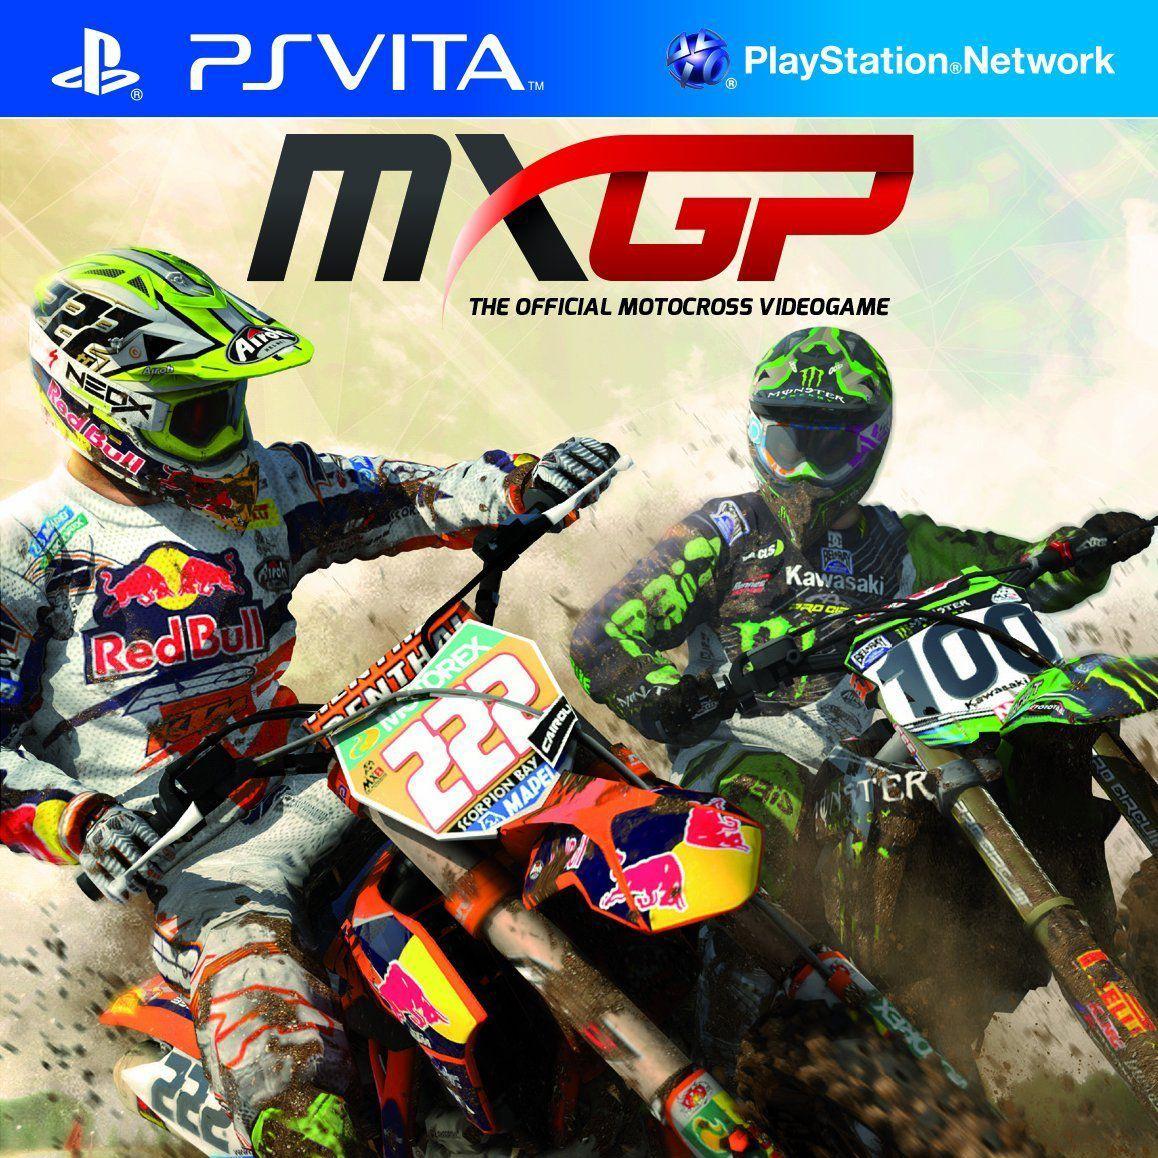 Auto D Occasion >> Jeux de moto pour Playstation de Sony - moto scooter ...